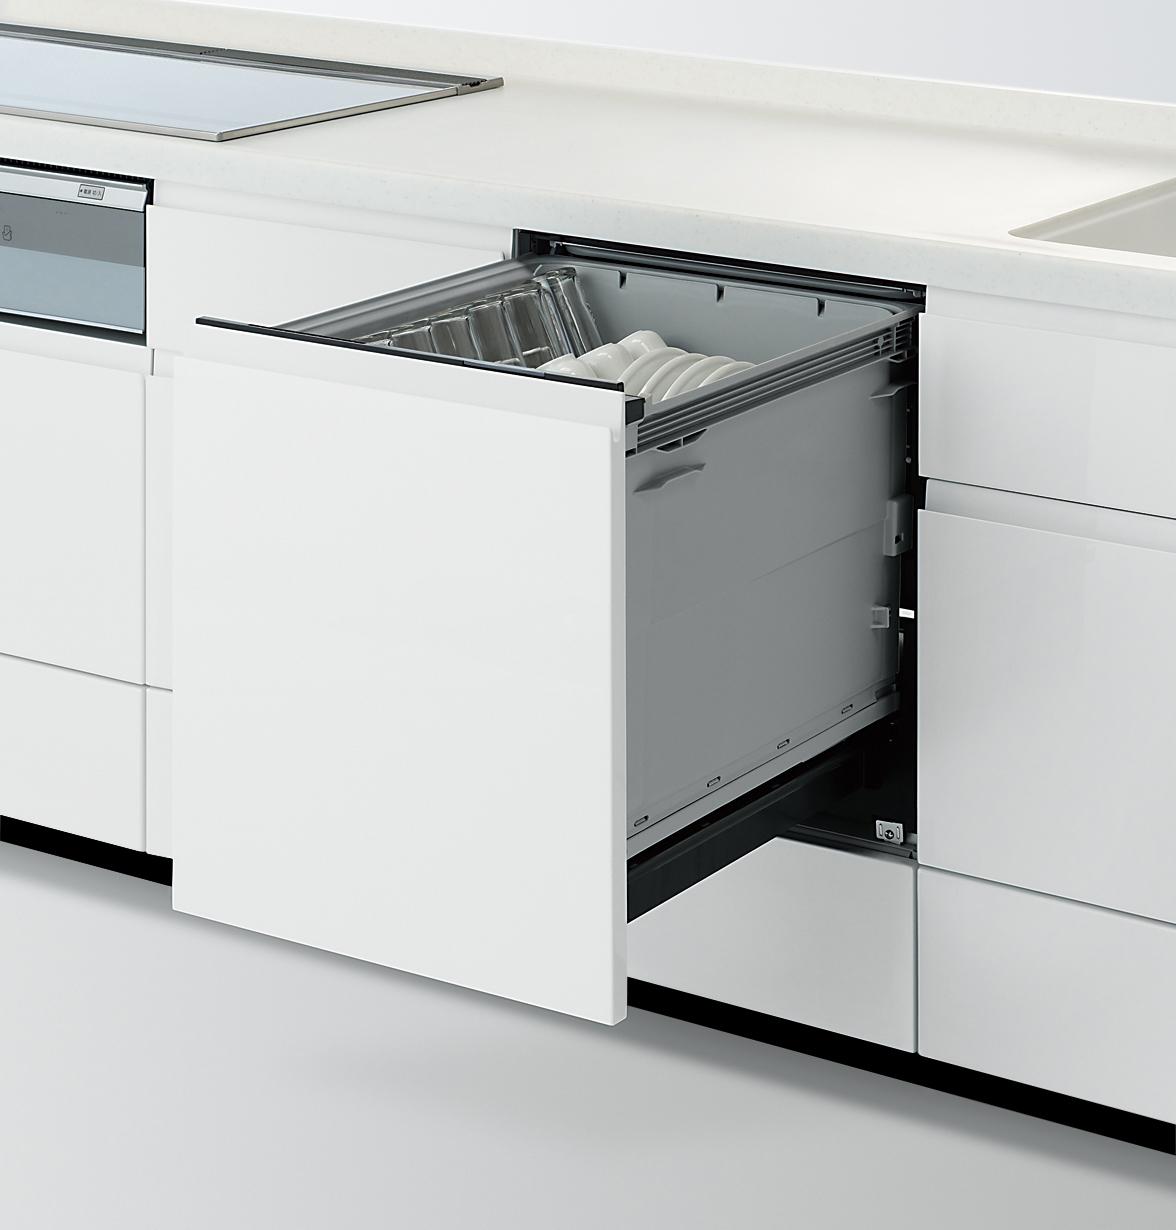 パナソニック ビルトイン食器洗い乾燥機「Kシリーズ」ディープタイプ(1)